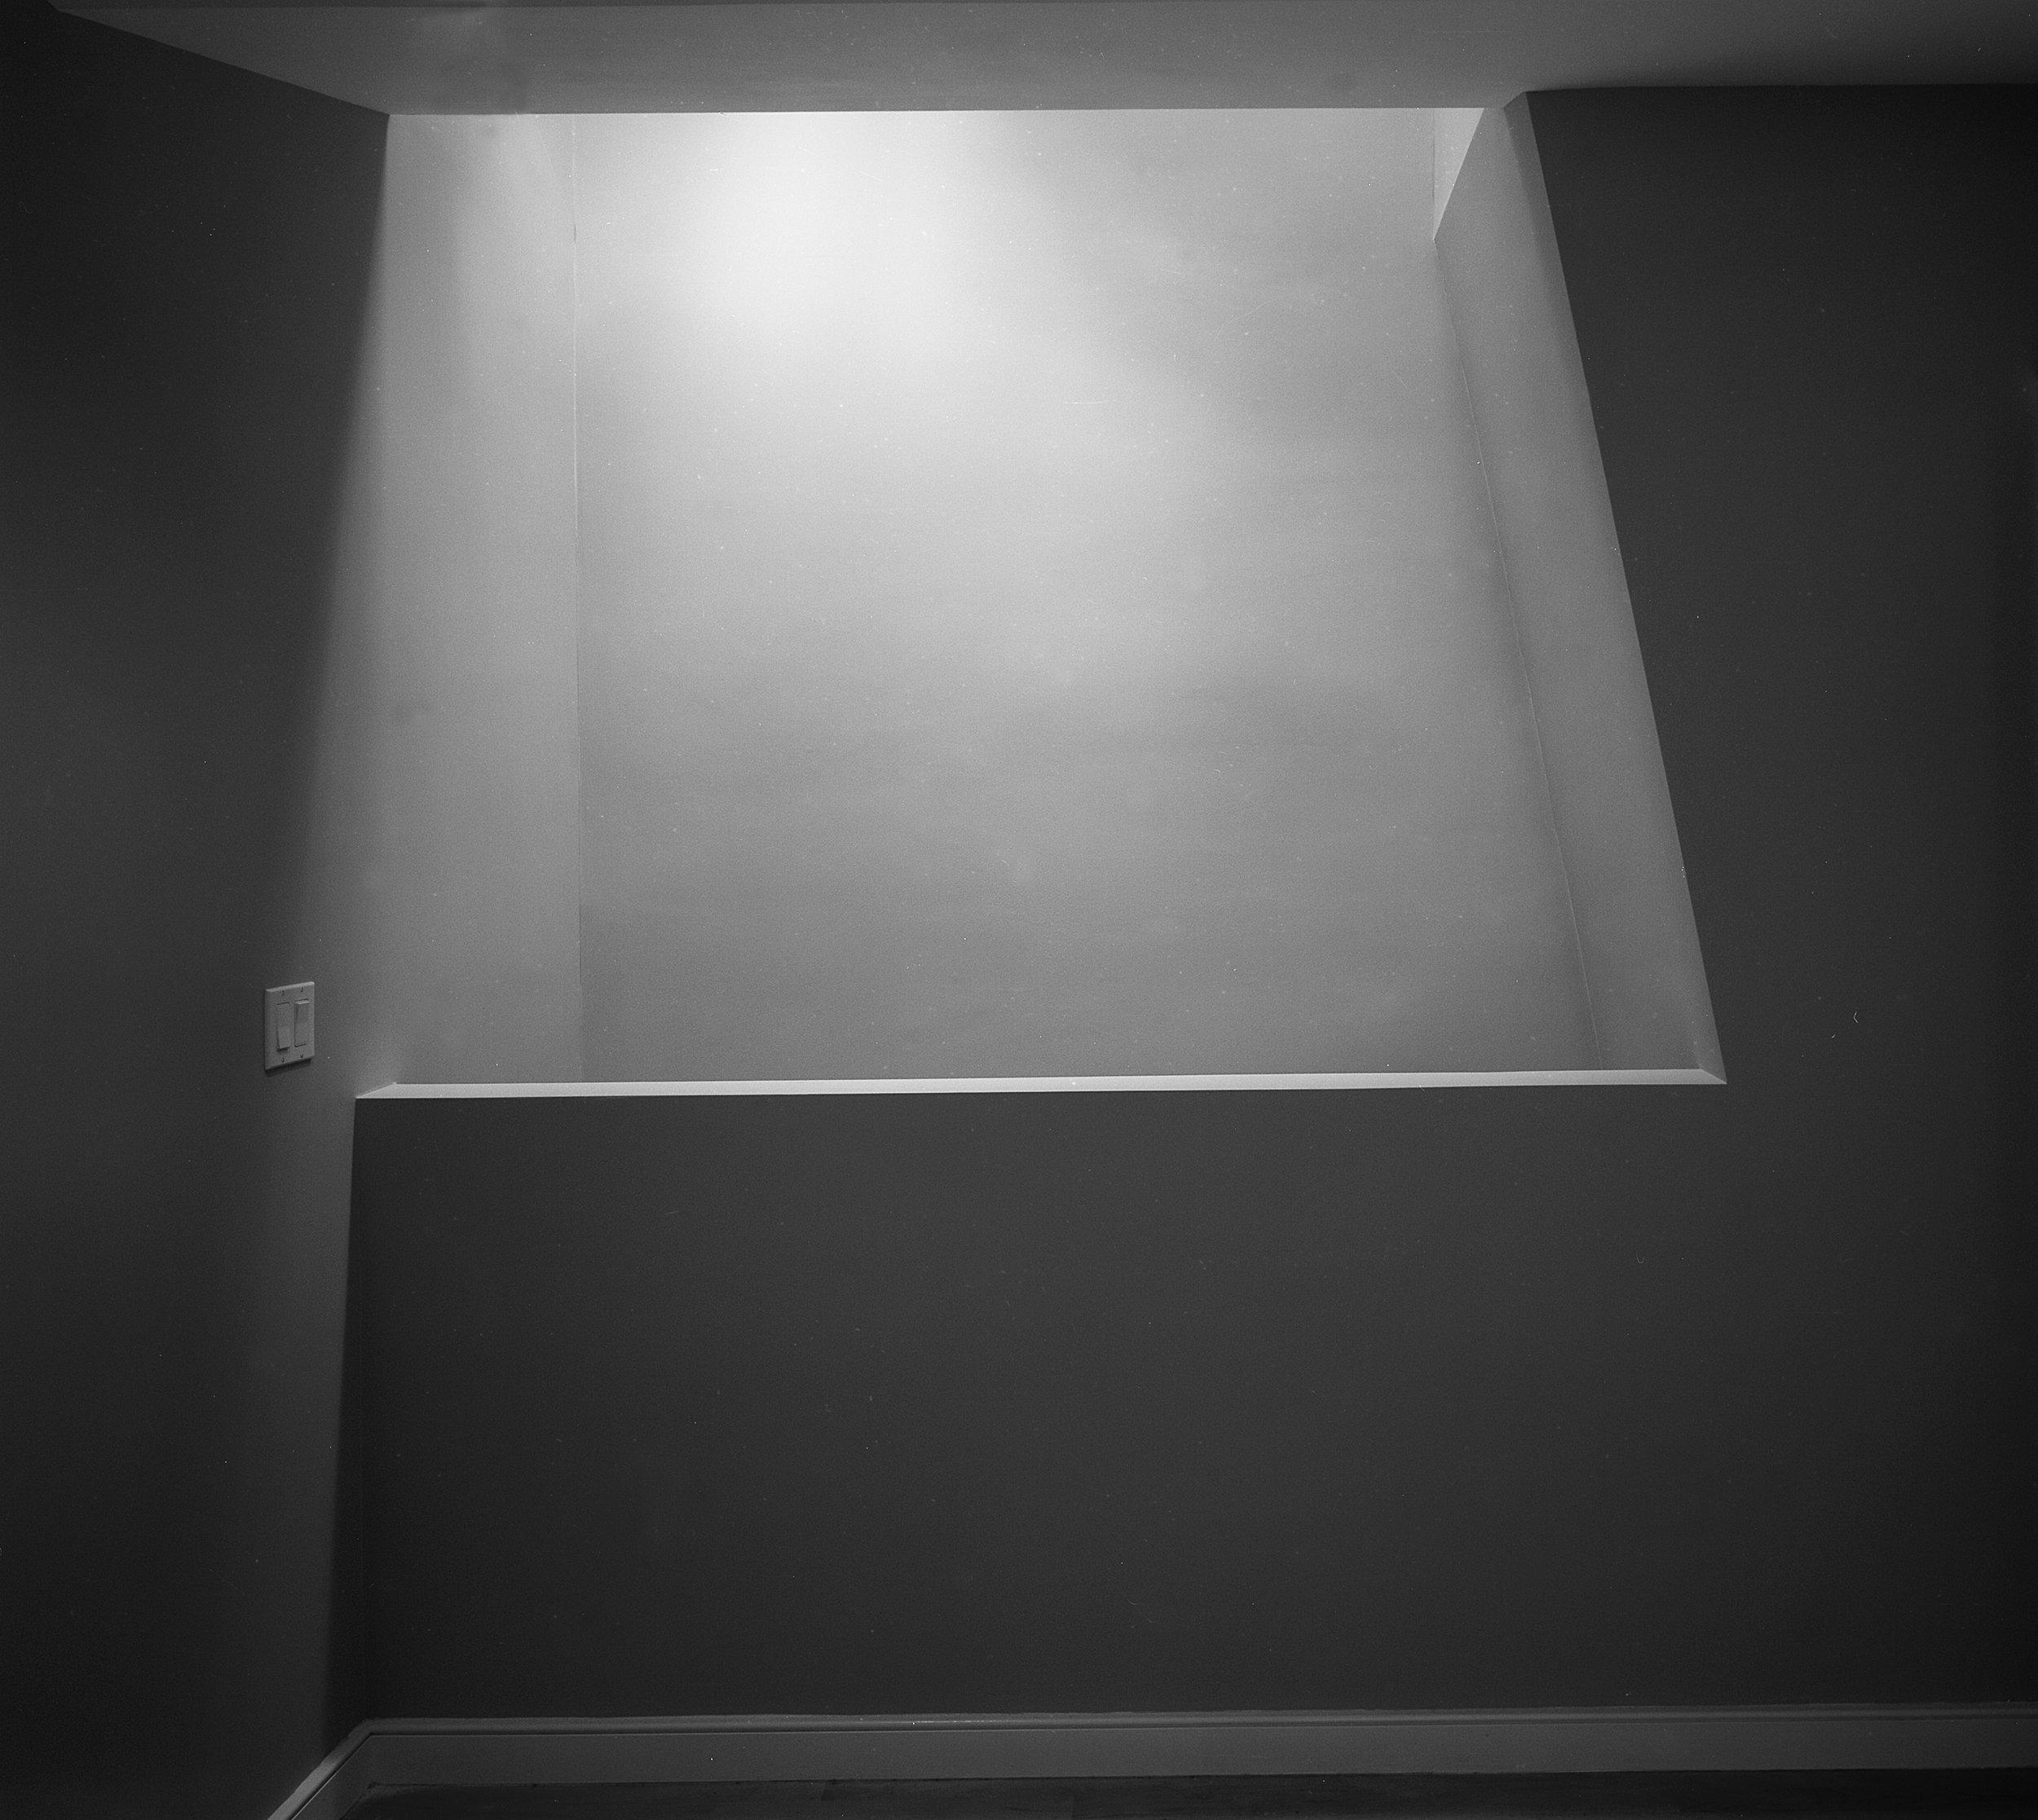 Interior_5.jpg